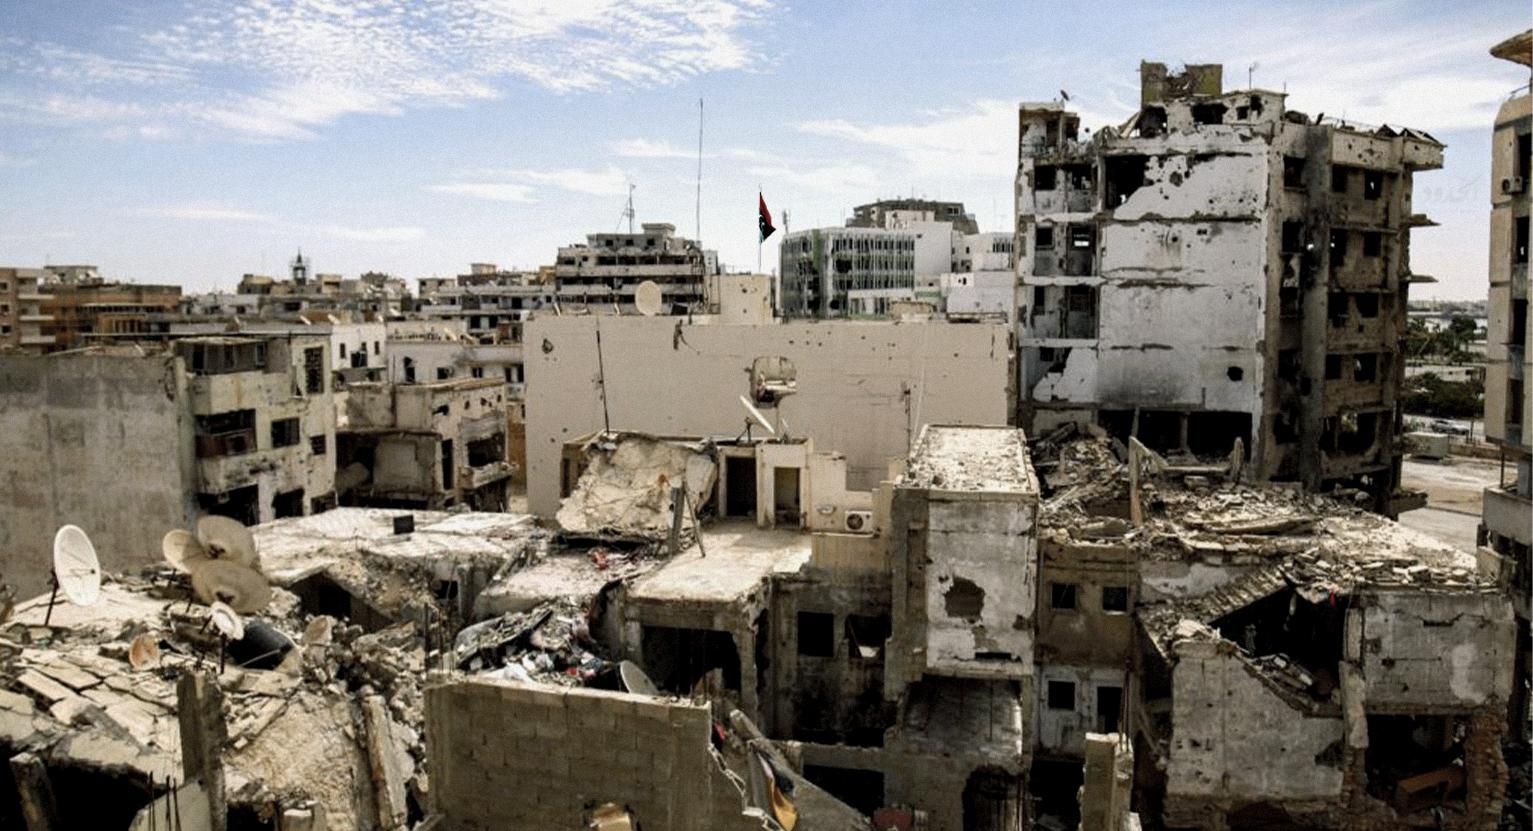 صورة الليبيون يدعون إلى تنظيم التدخُّل الأجنبي في بلادهم بالدور تجنُّباً للفوضى